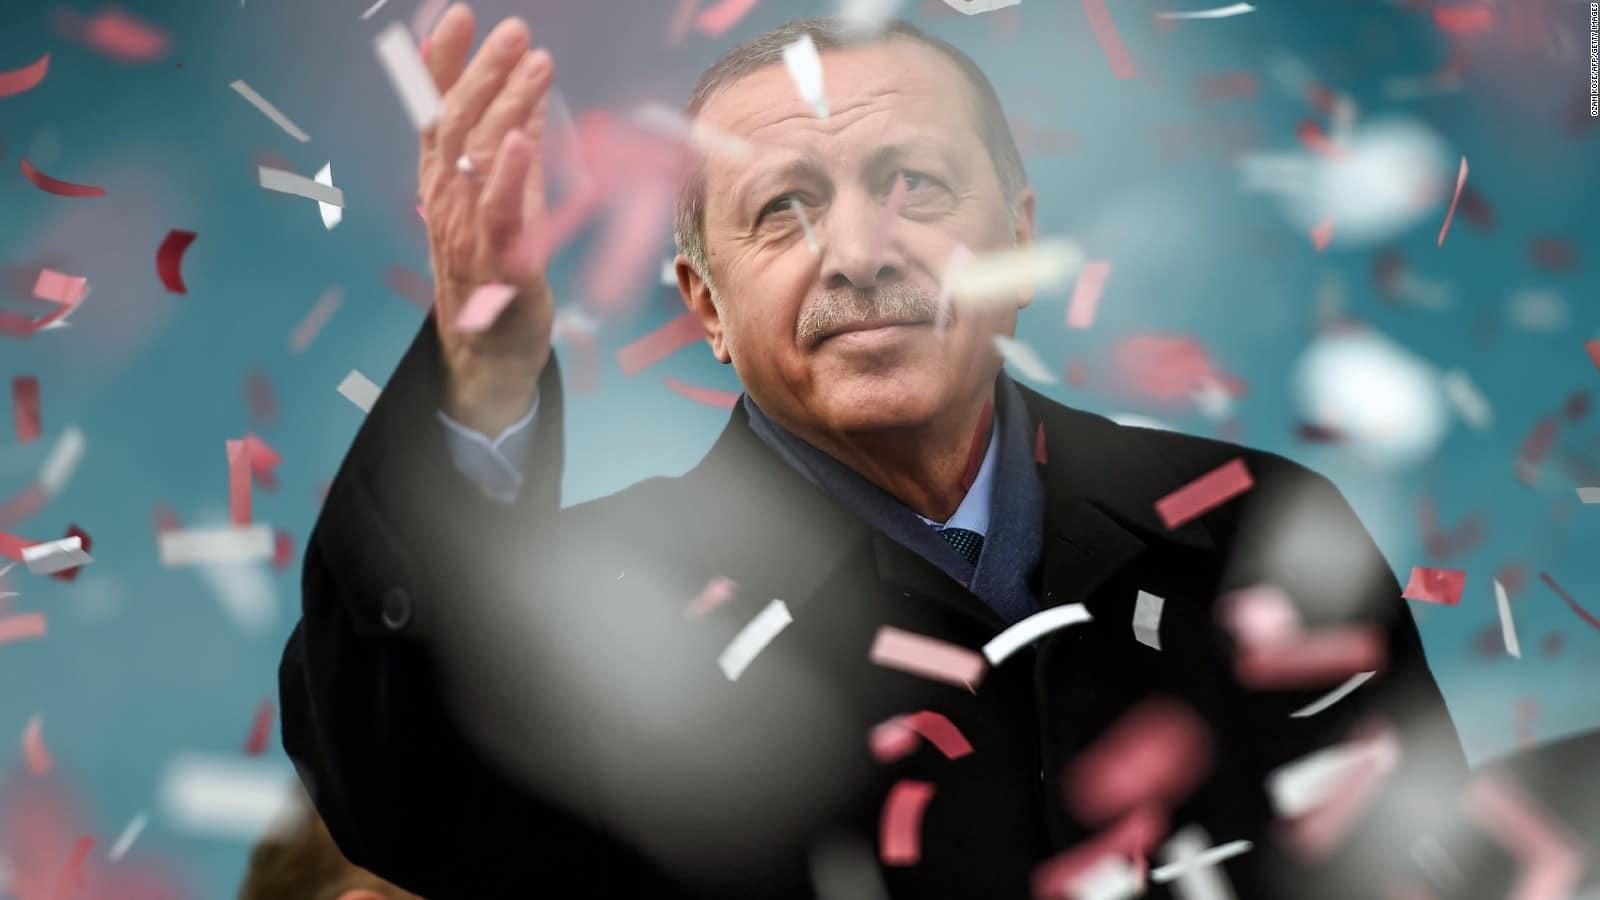 أردوغان يزف البشرى للأتراك ويعلن عن اكتشاف ضخم في البحر الأسود